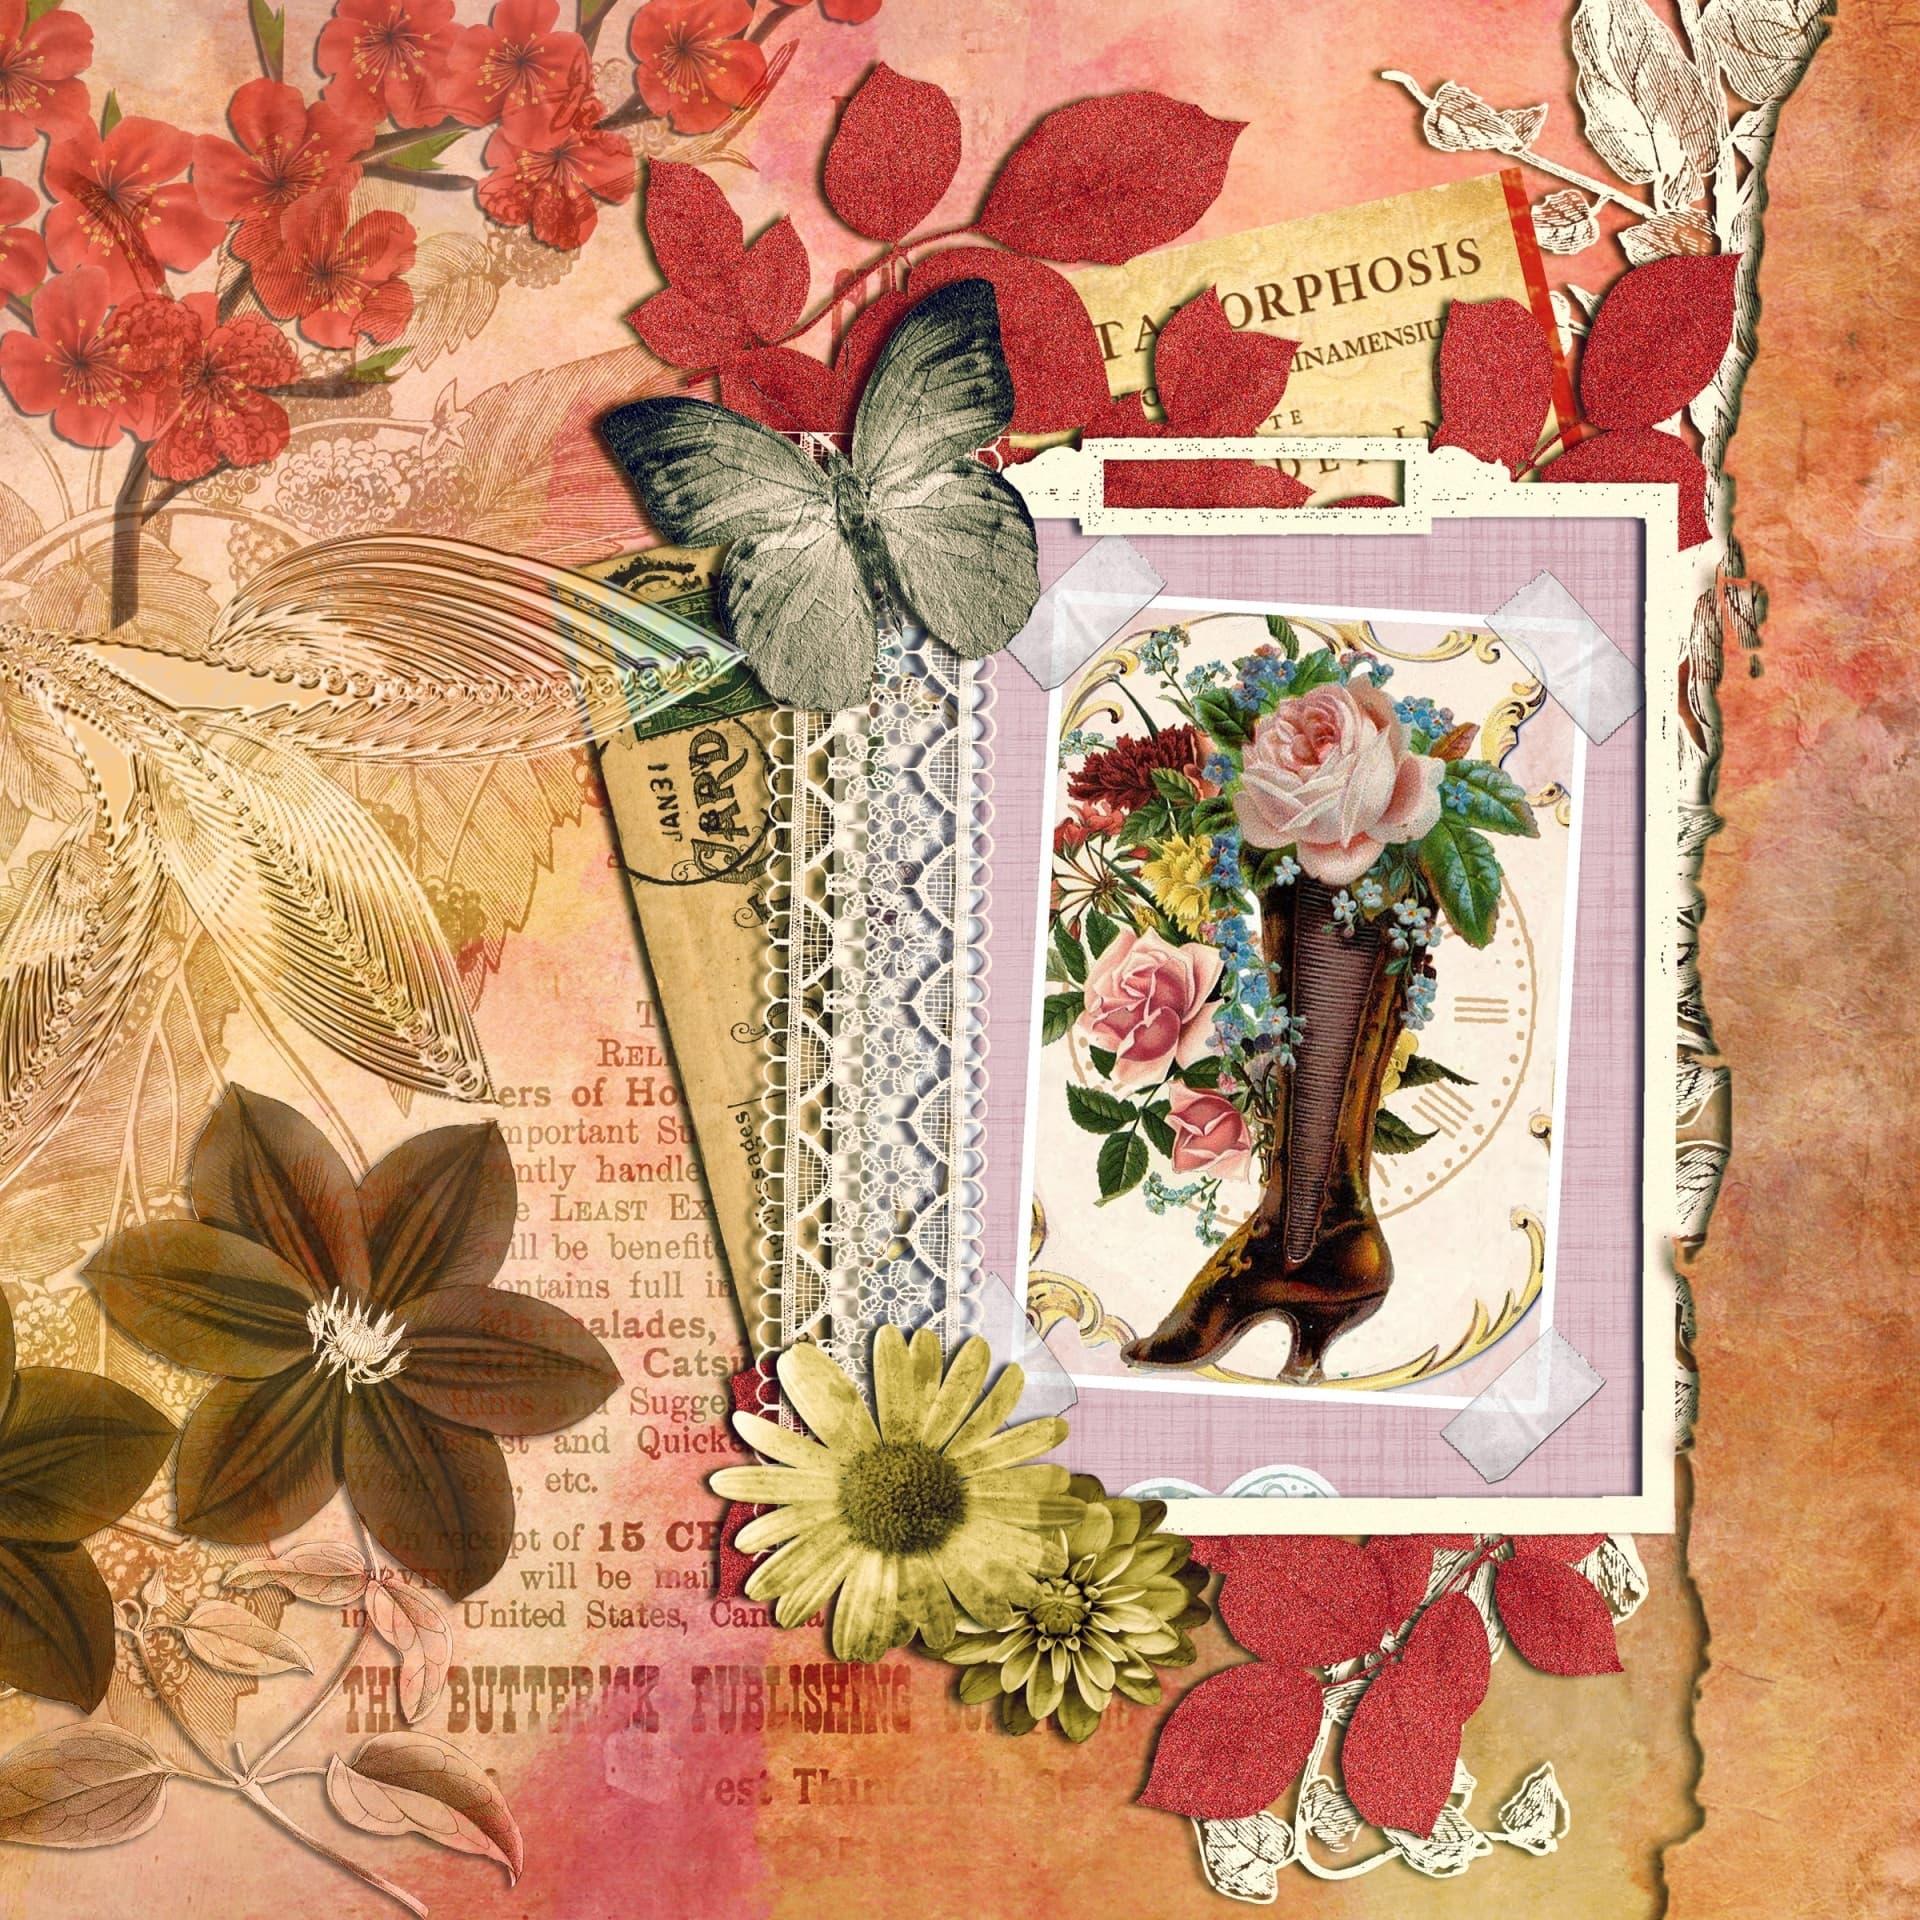 arte de crear, para poder archivar y decorar nuestras fotografías y recuerdos en forma de álbum o cuaderno de recortes